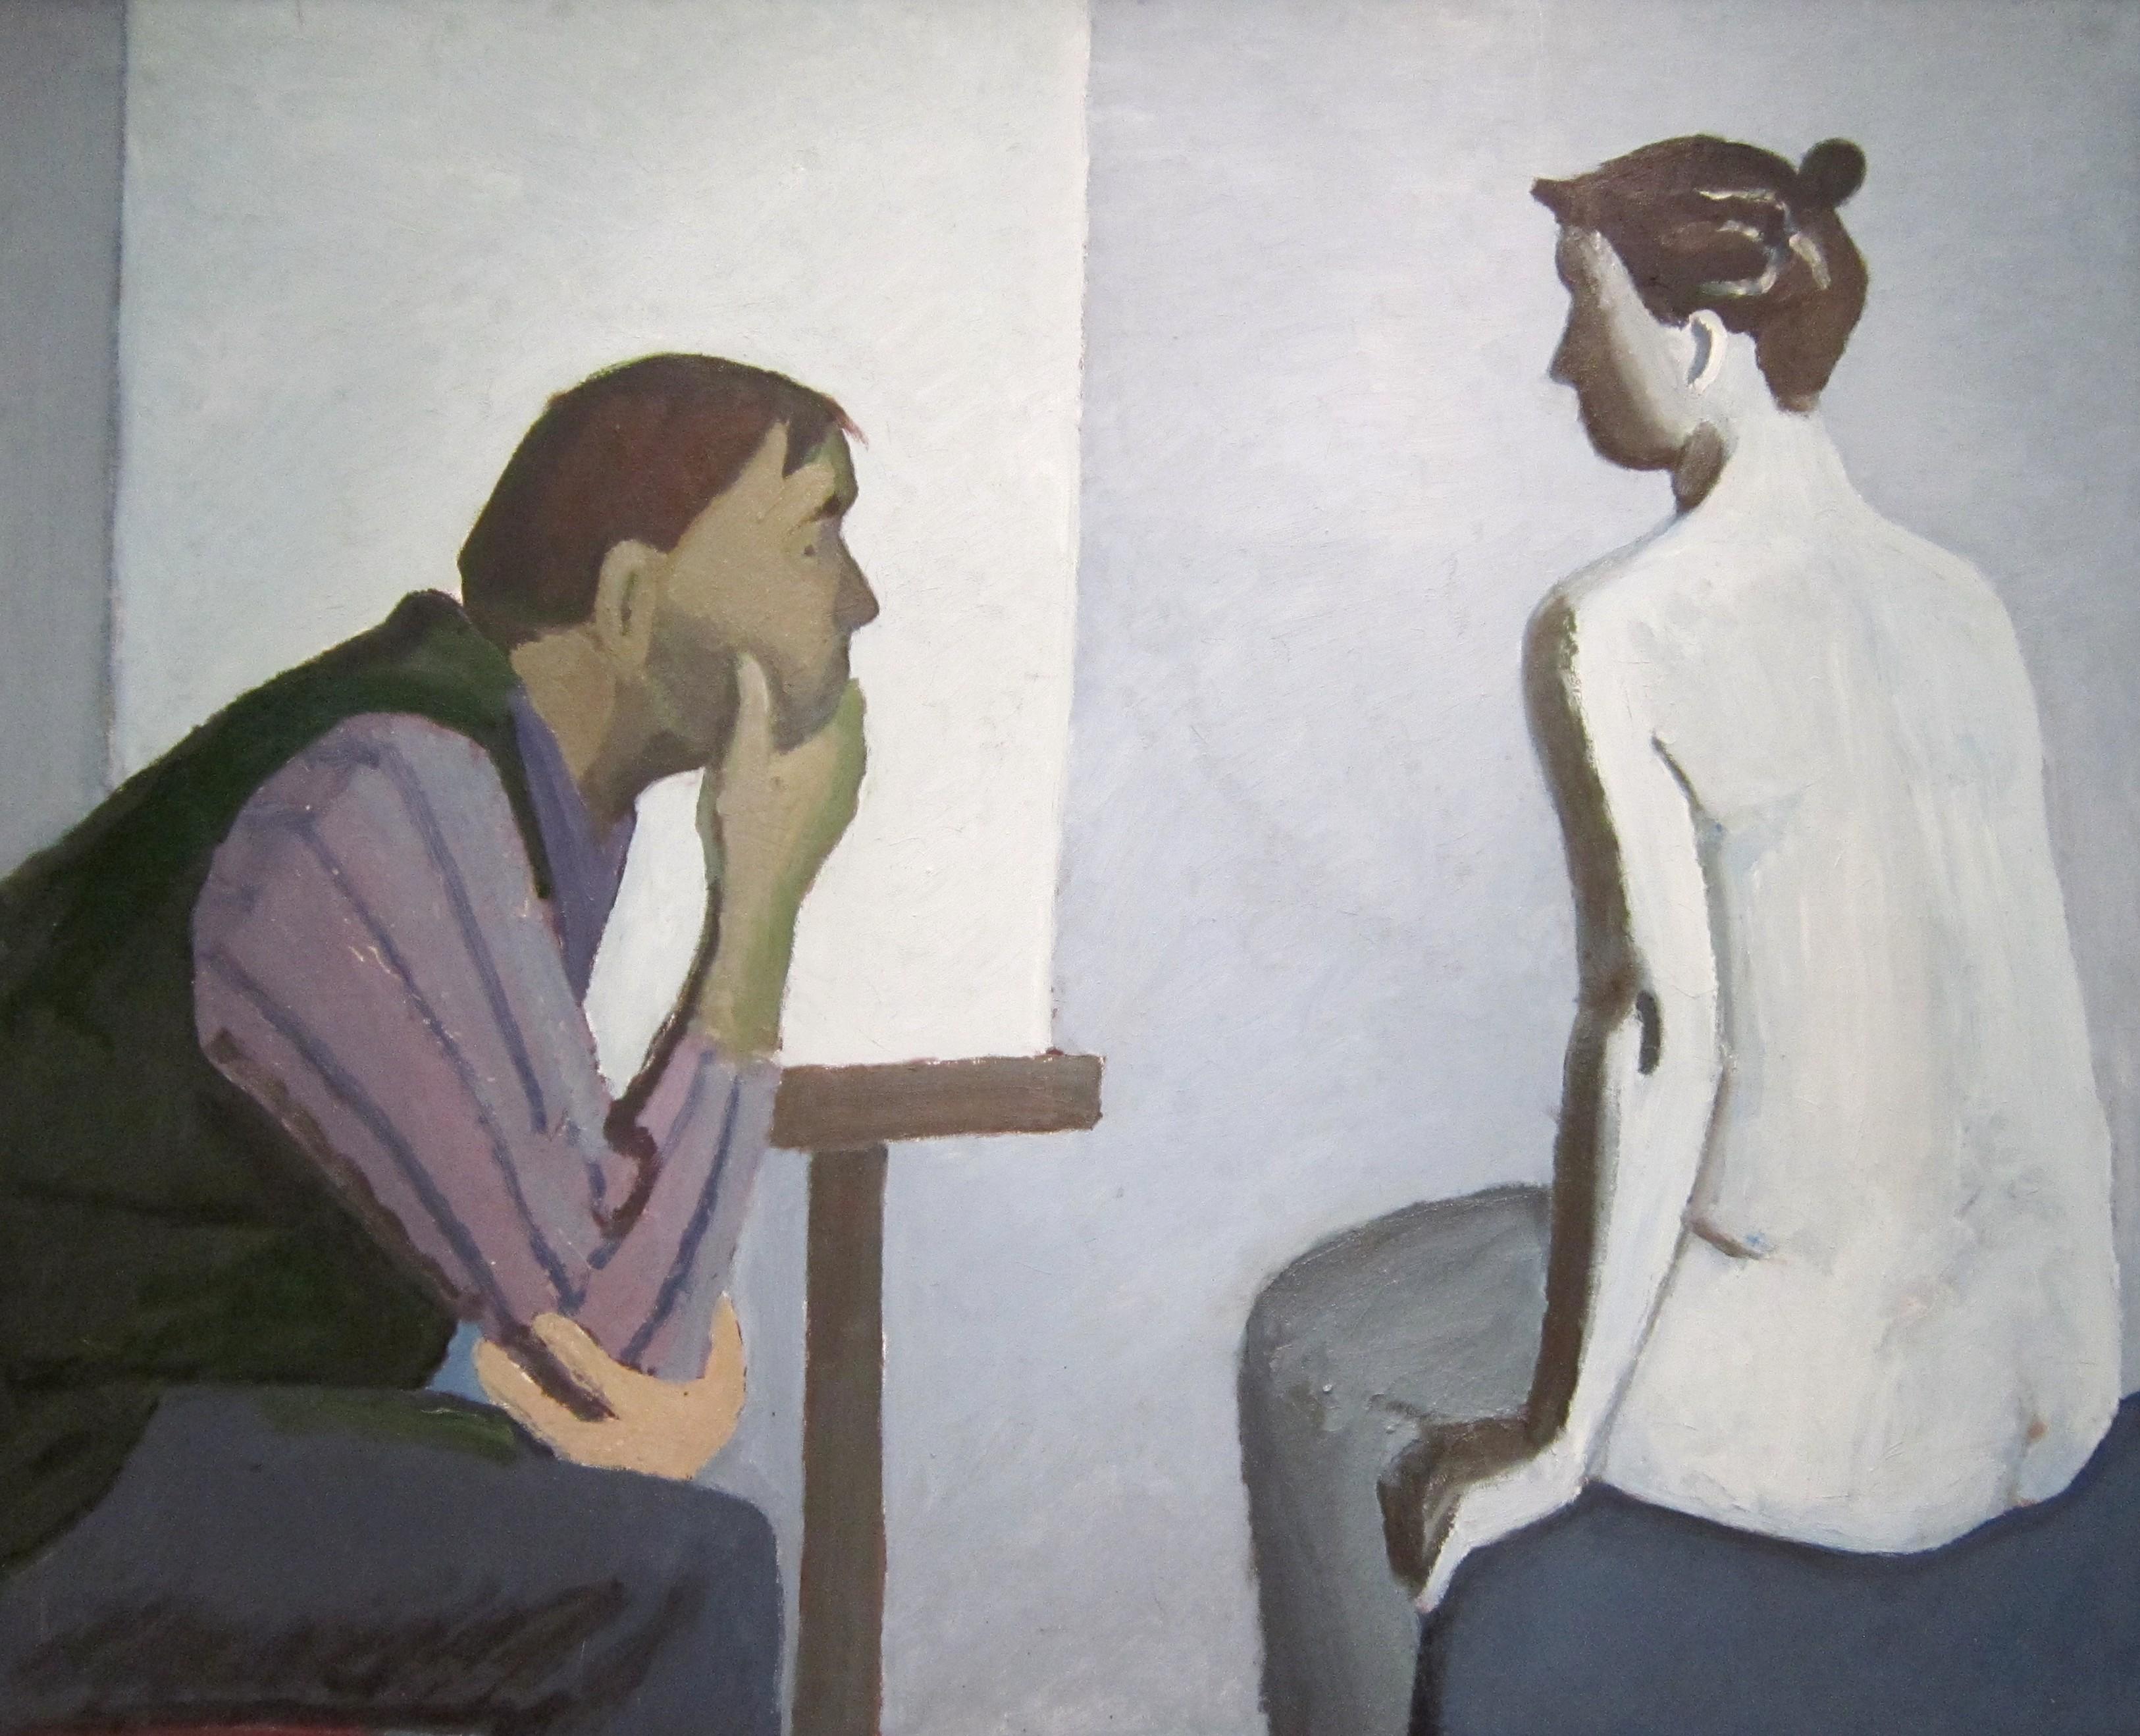 Тимофей Фёдорович Теряев (1919-2001 г.г.). Художник и модель. 1988 год.